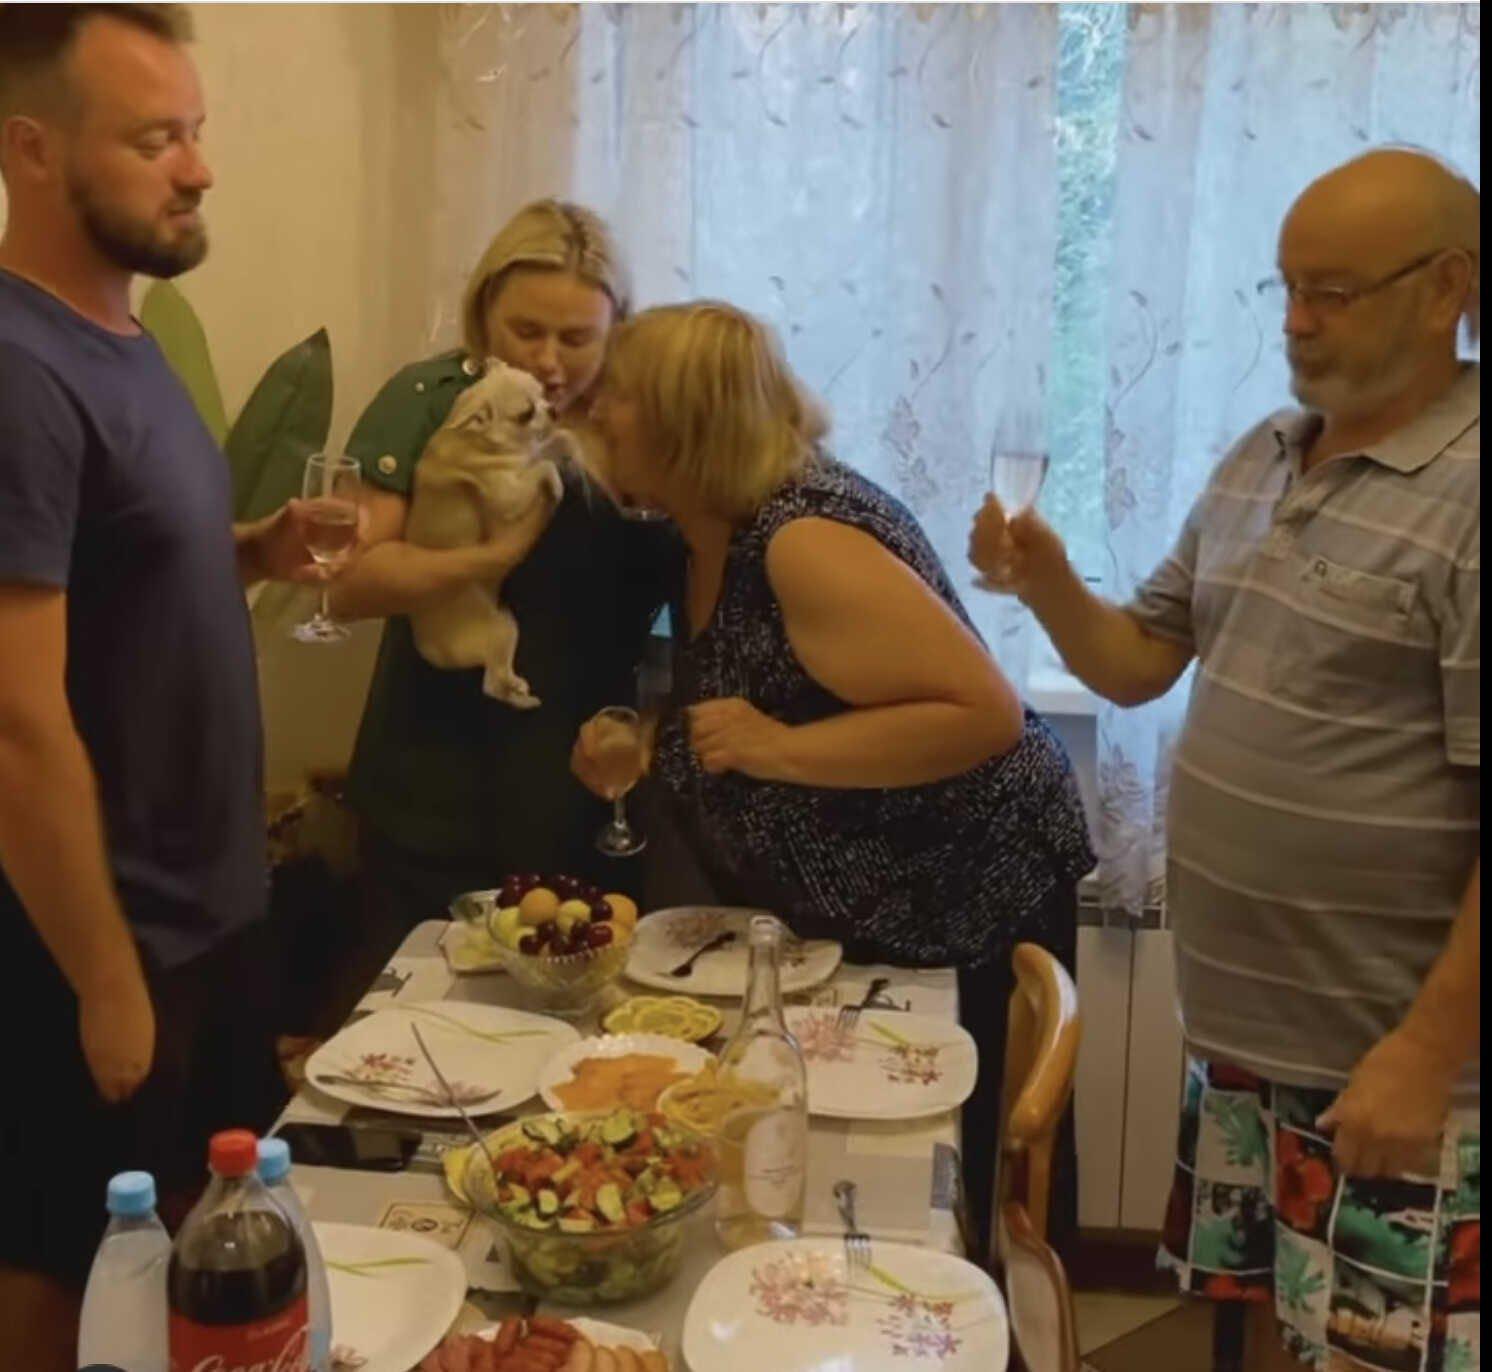 За что подписчики раскритиковали семейный обед Анны Семенович